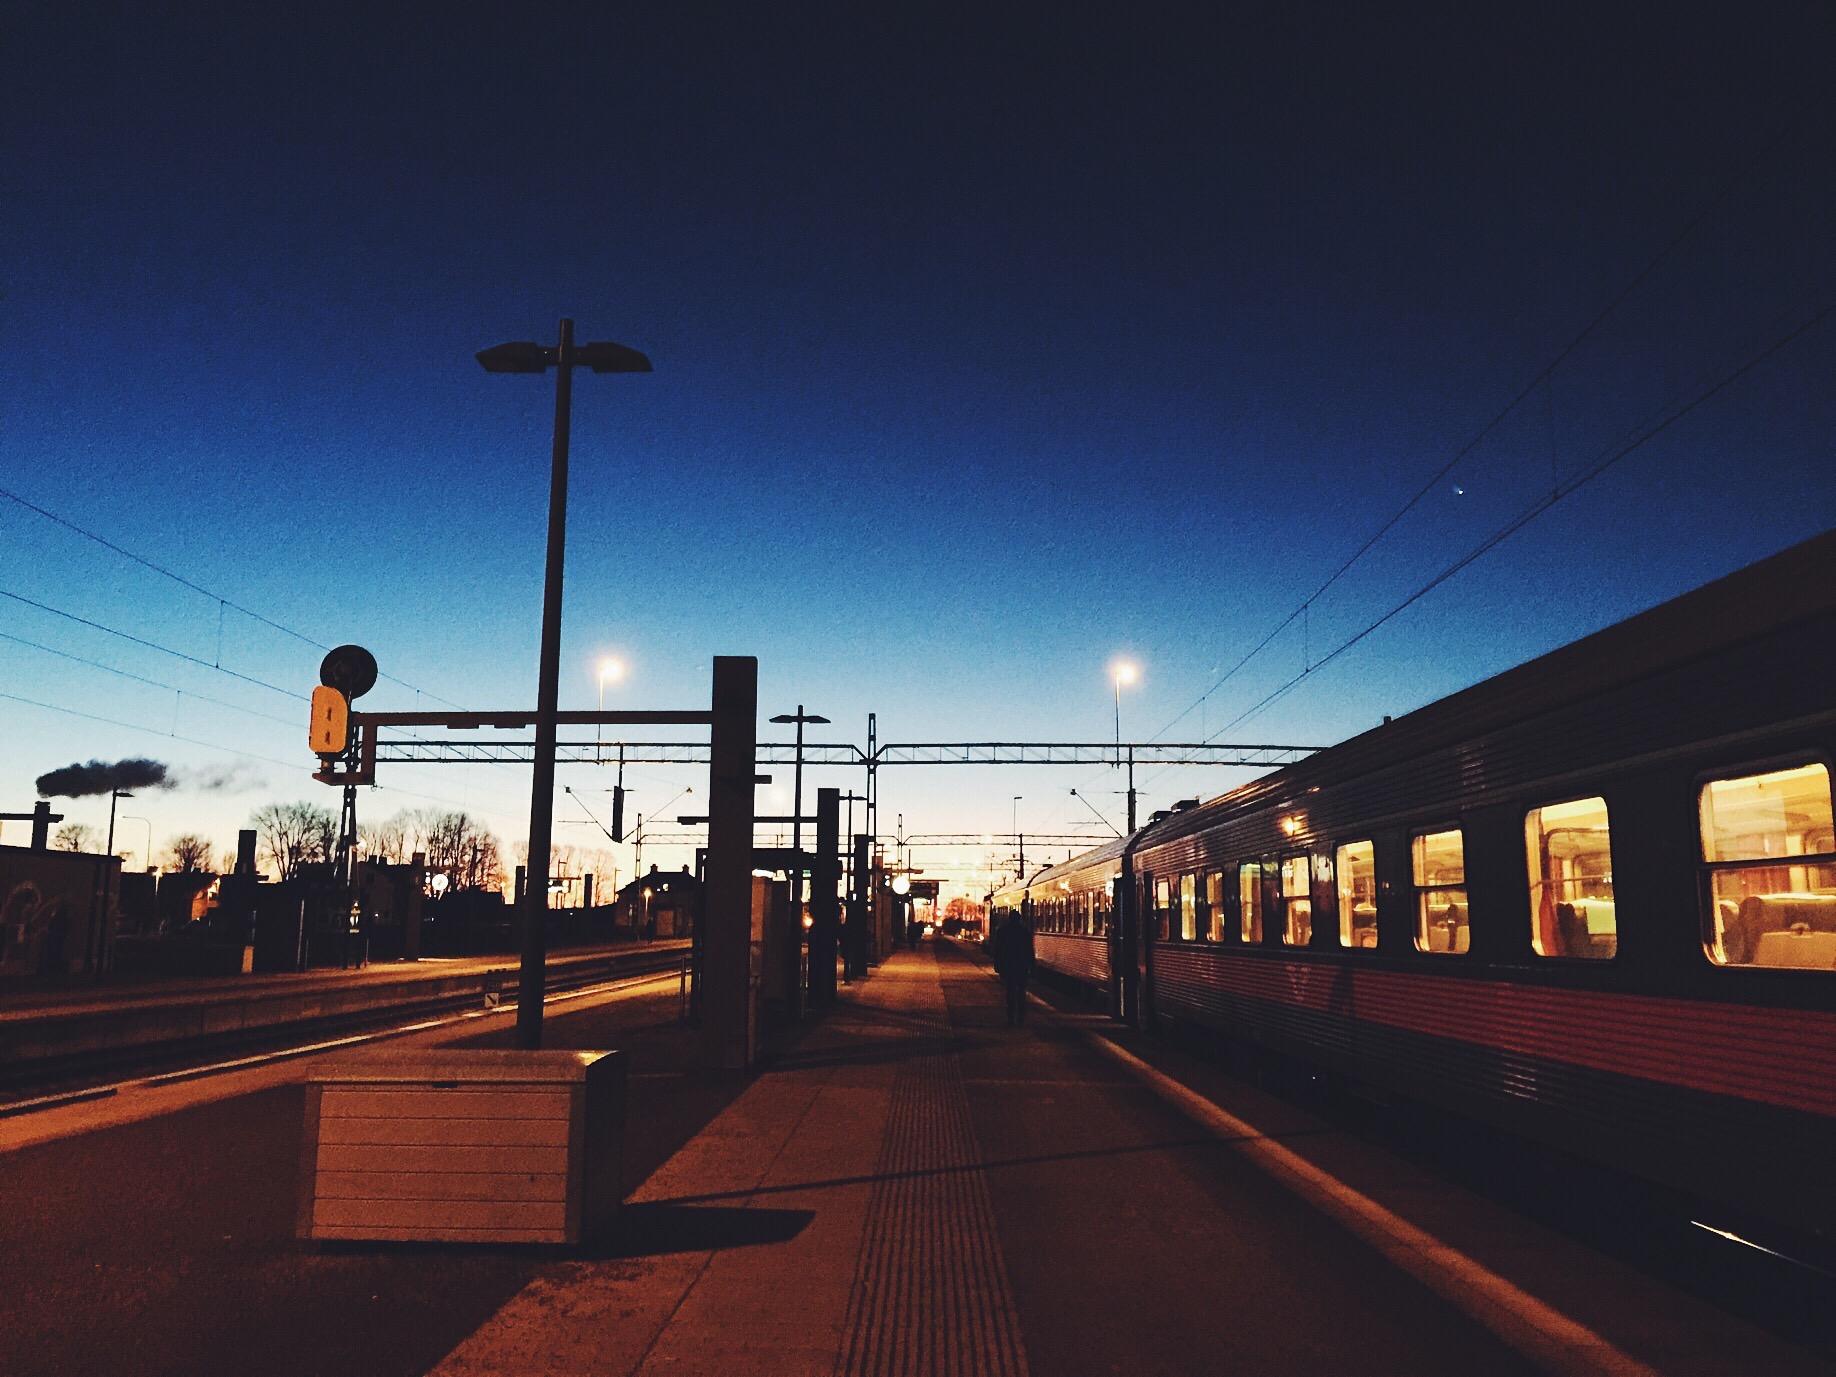 uppsala morning train